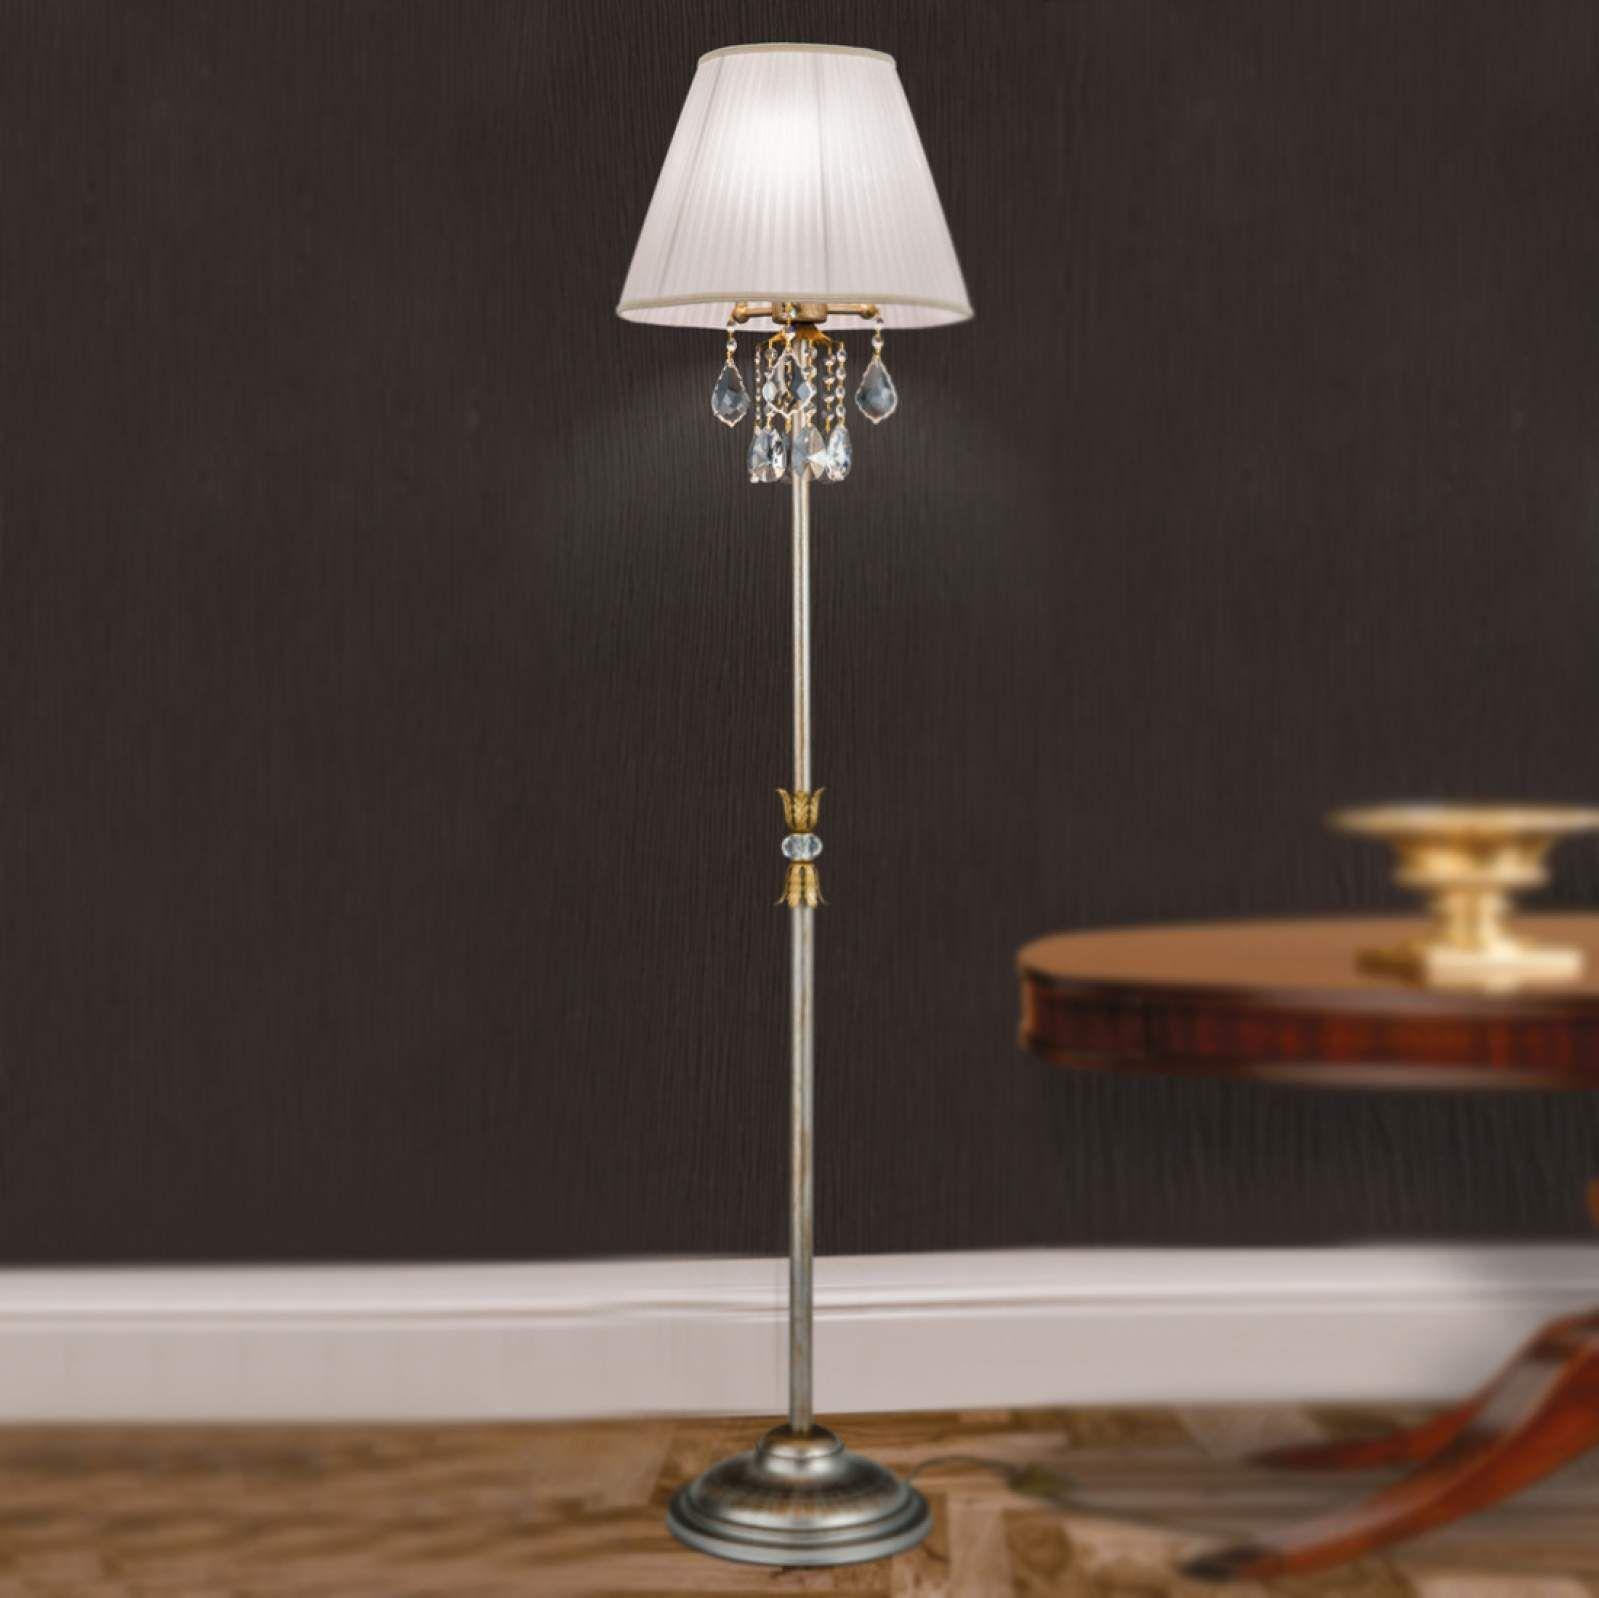 Full Size of Kristall Stehlampe Miramare Von Orion Silber Kristalle Wohnzimmer Schlafzimmer Stehlampen Wohnzimmer Kristall Stehlampe